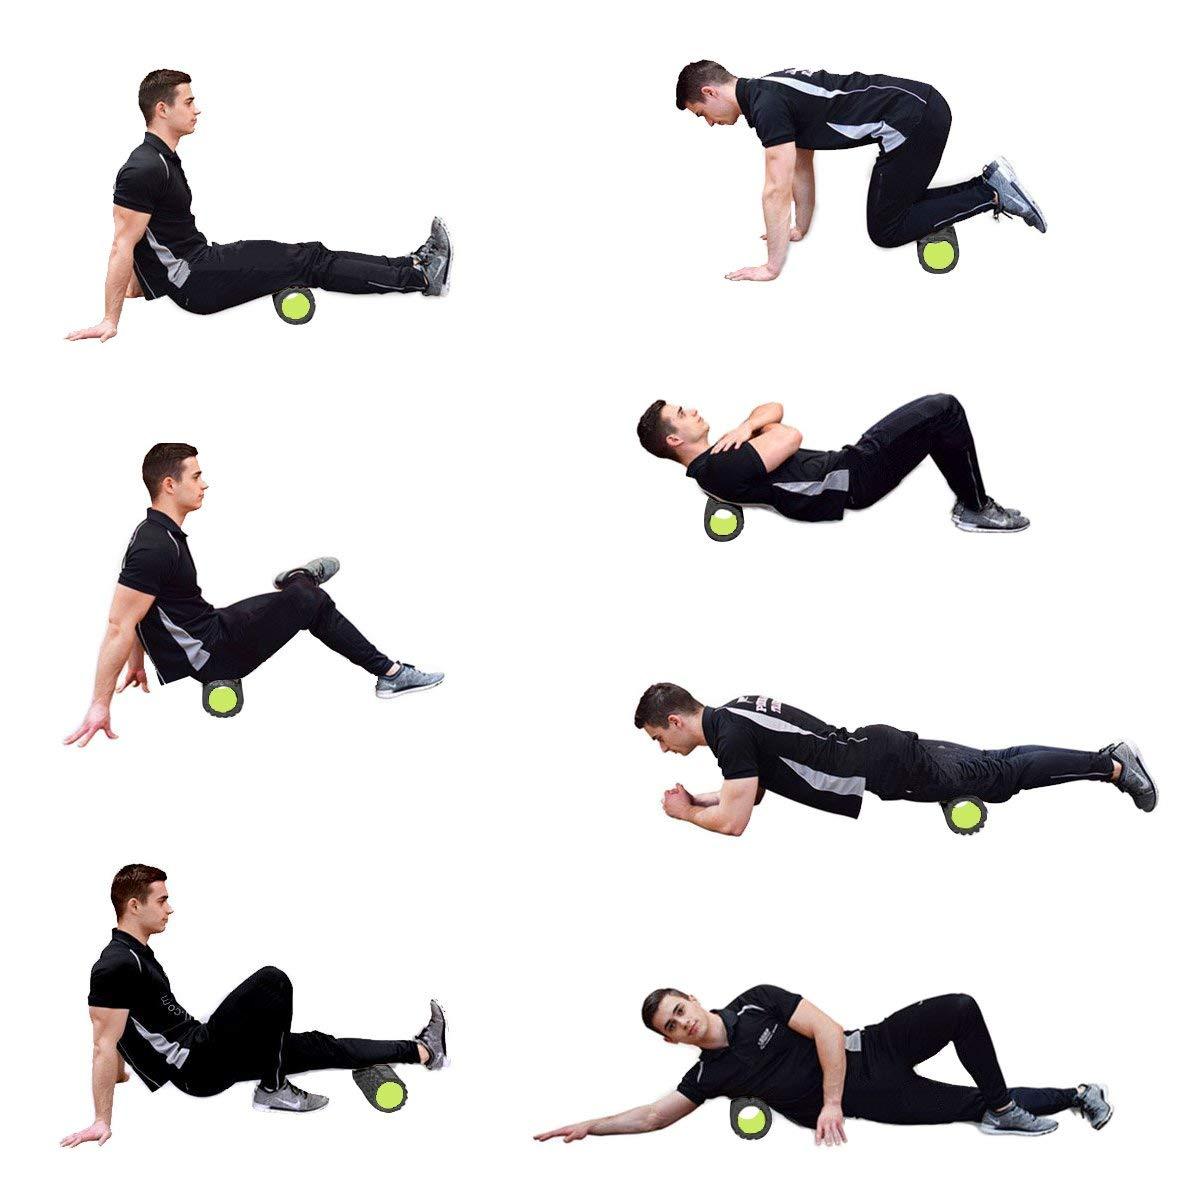 REEHUT Rullo Ortopedico Ergonomico Eva 2 in 1 per Massaggi Riabilitazione Scioglimento Punti Trigger Miofasciali con Custodia e Manuale Elettronico